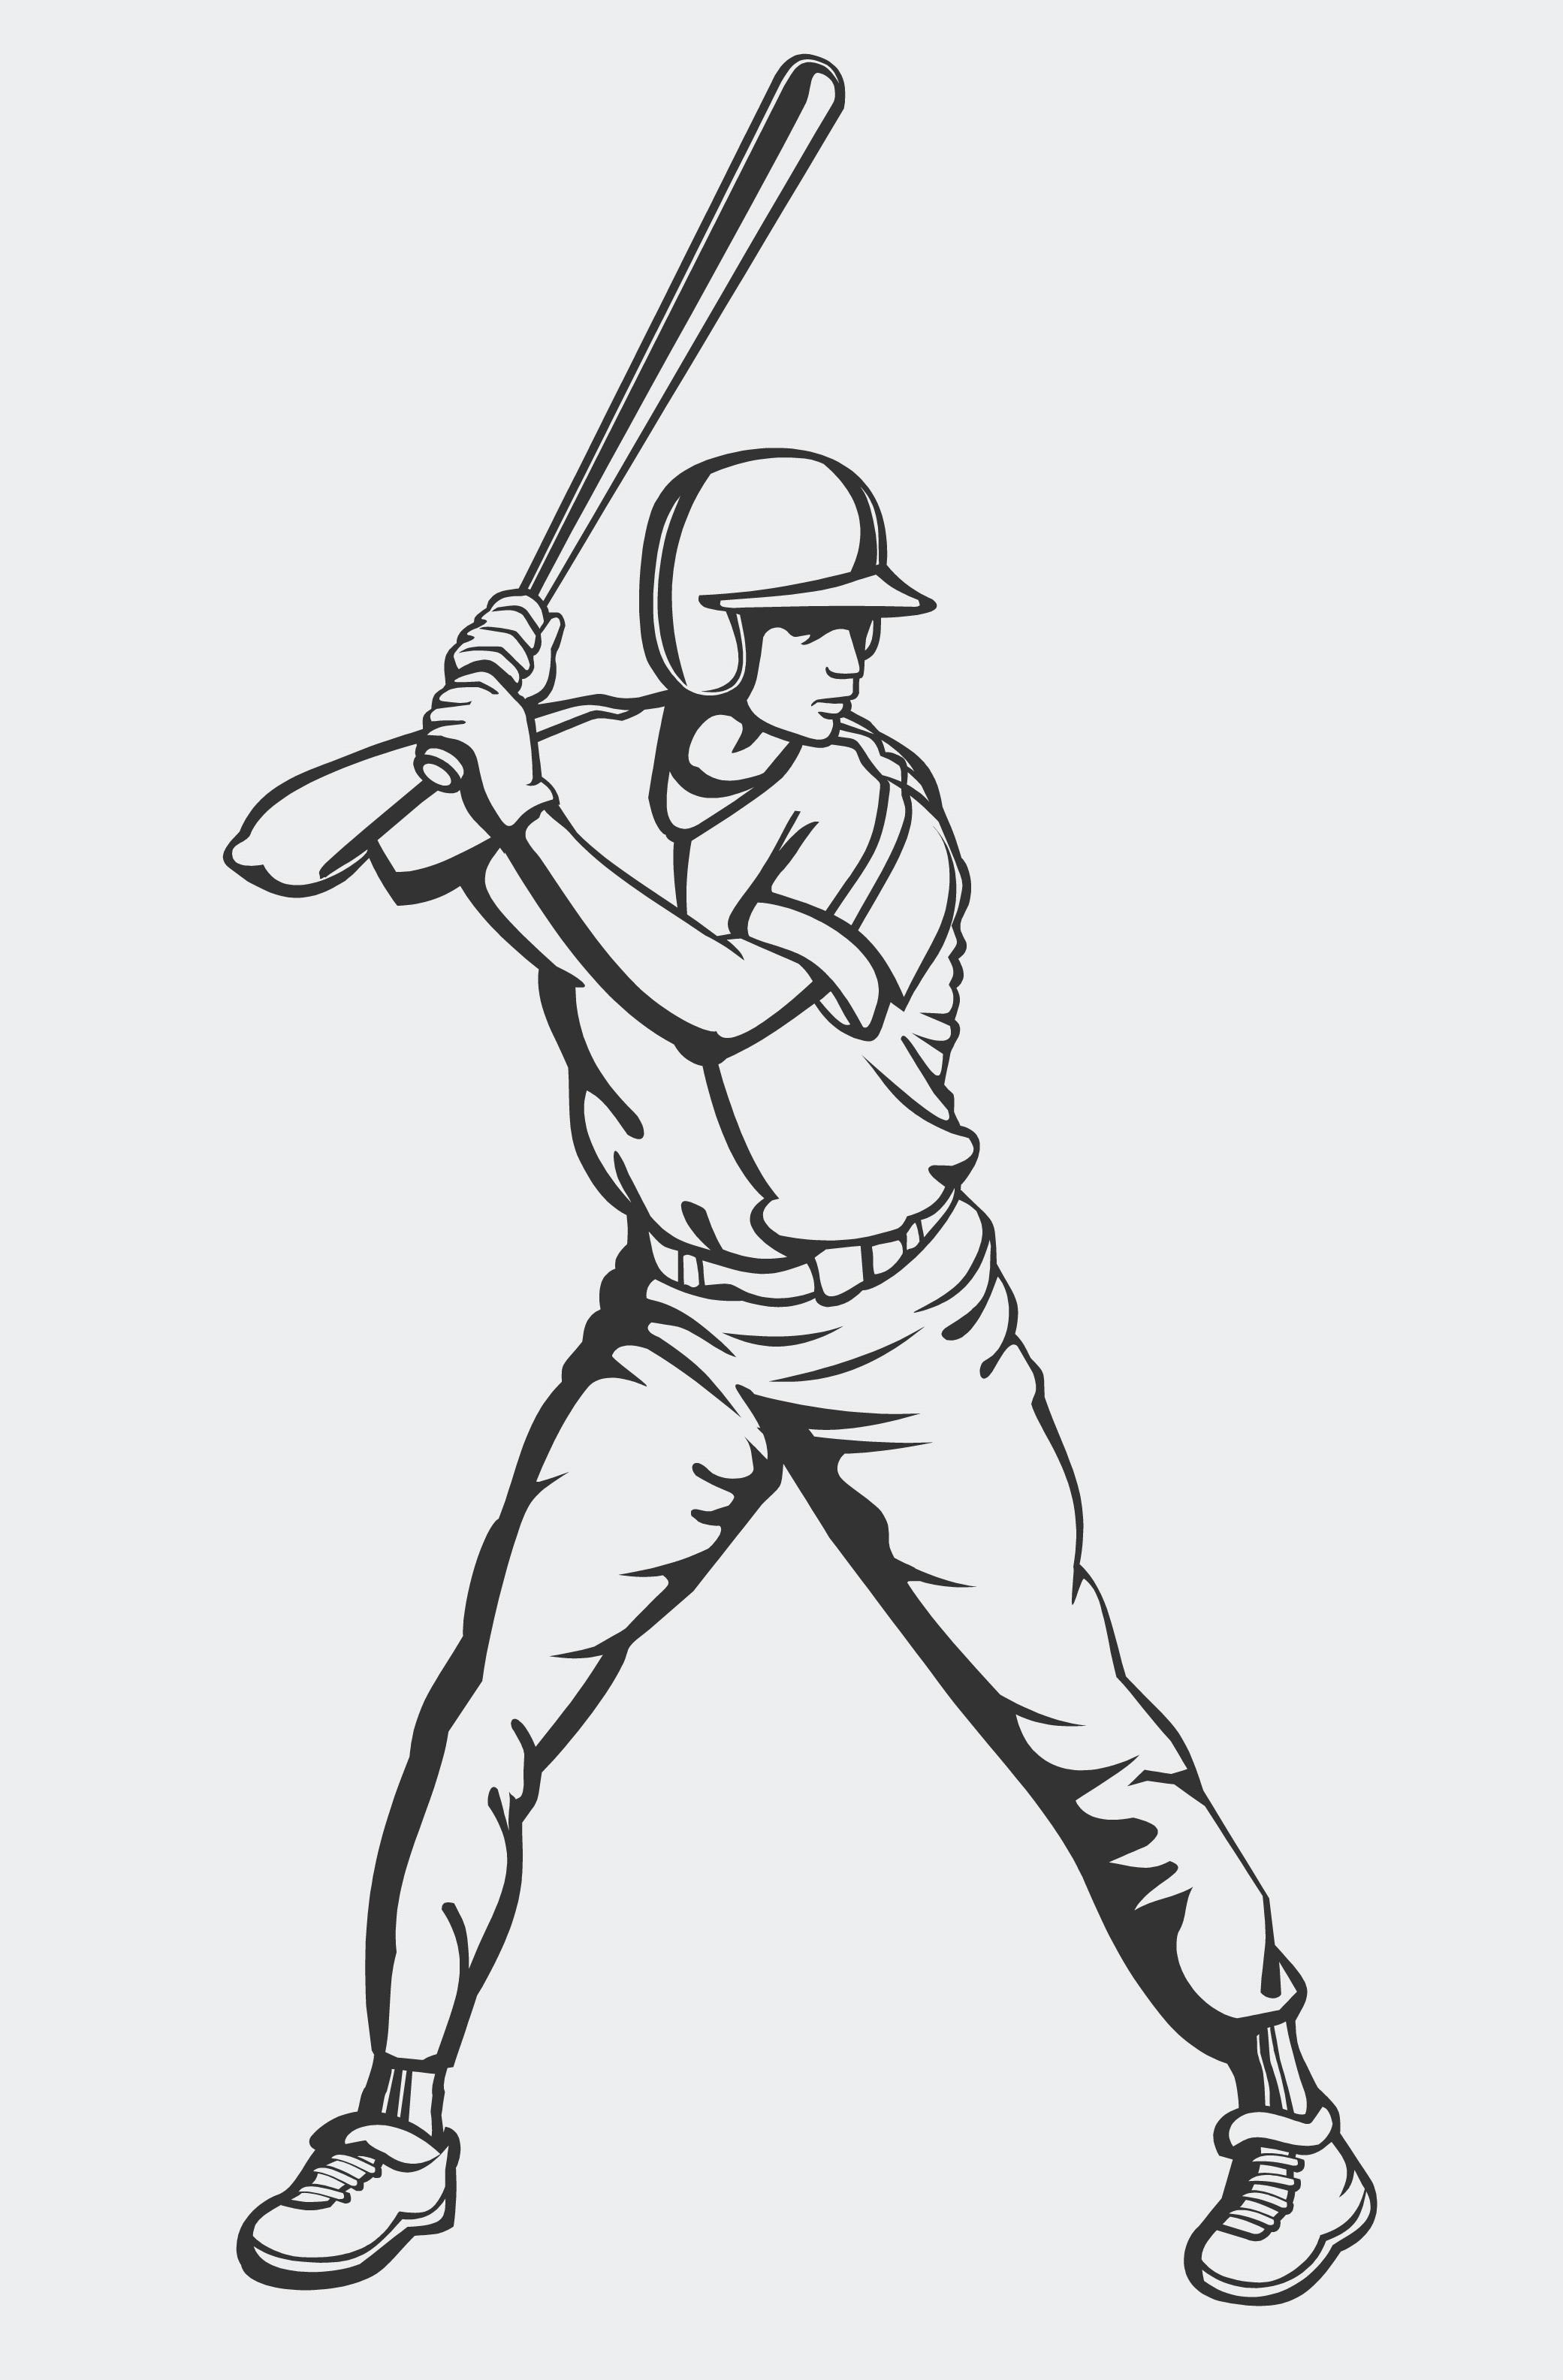 Baseball batter 6000